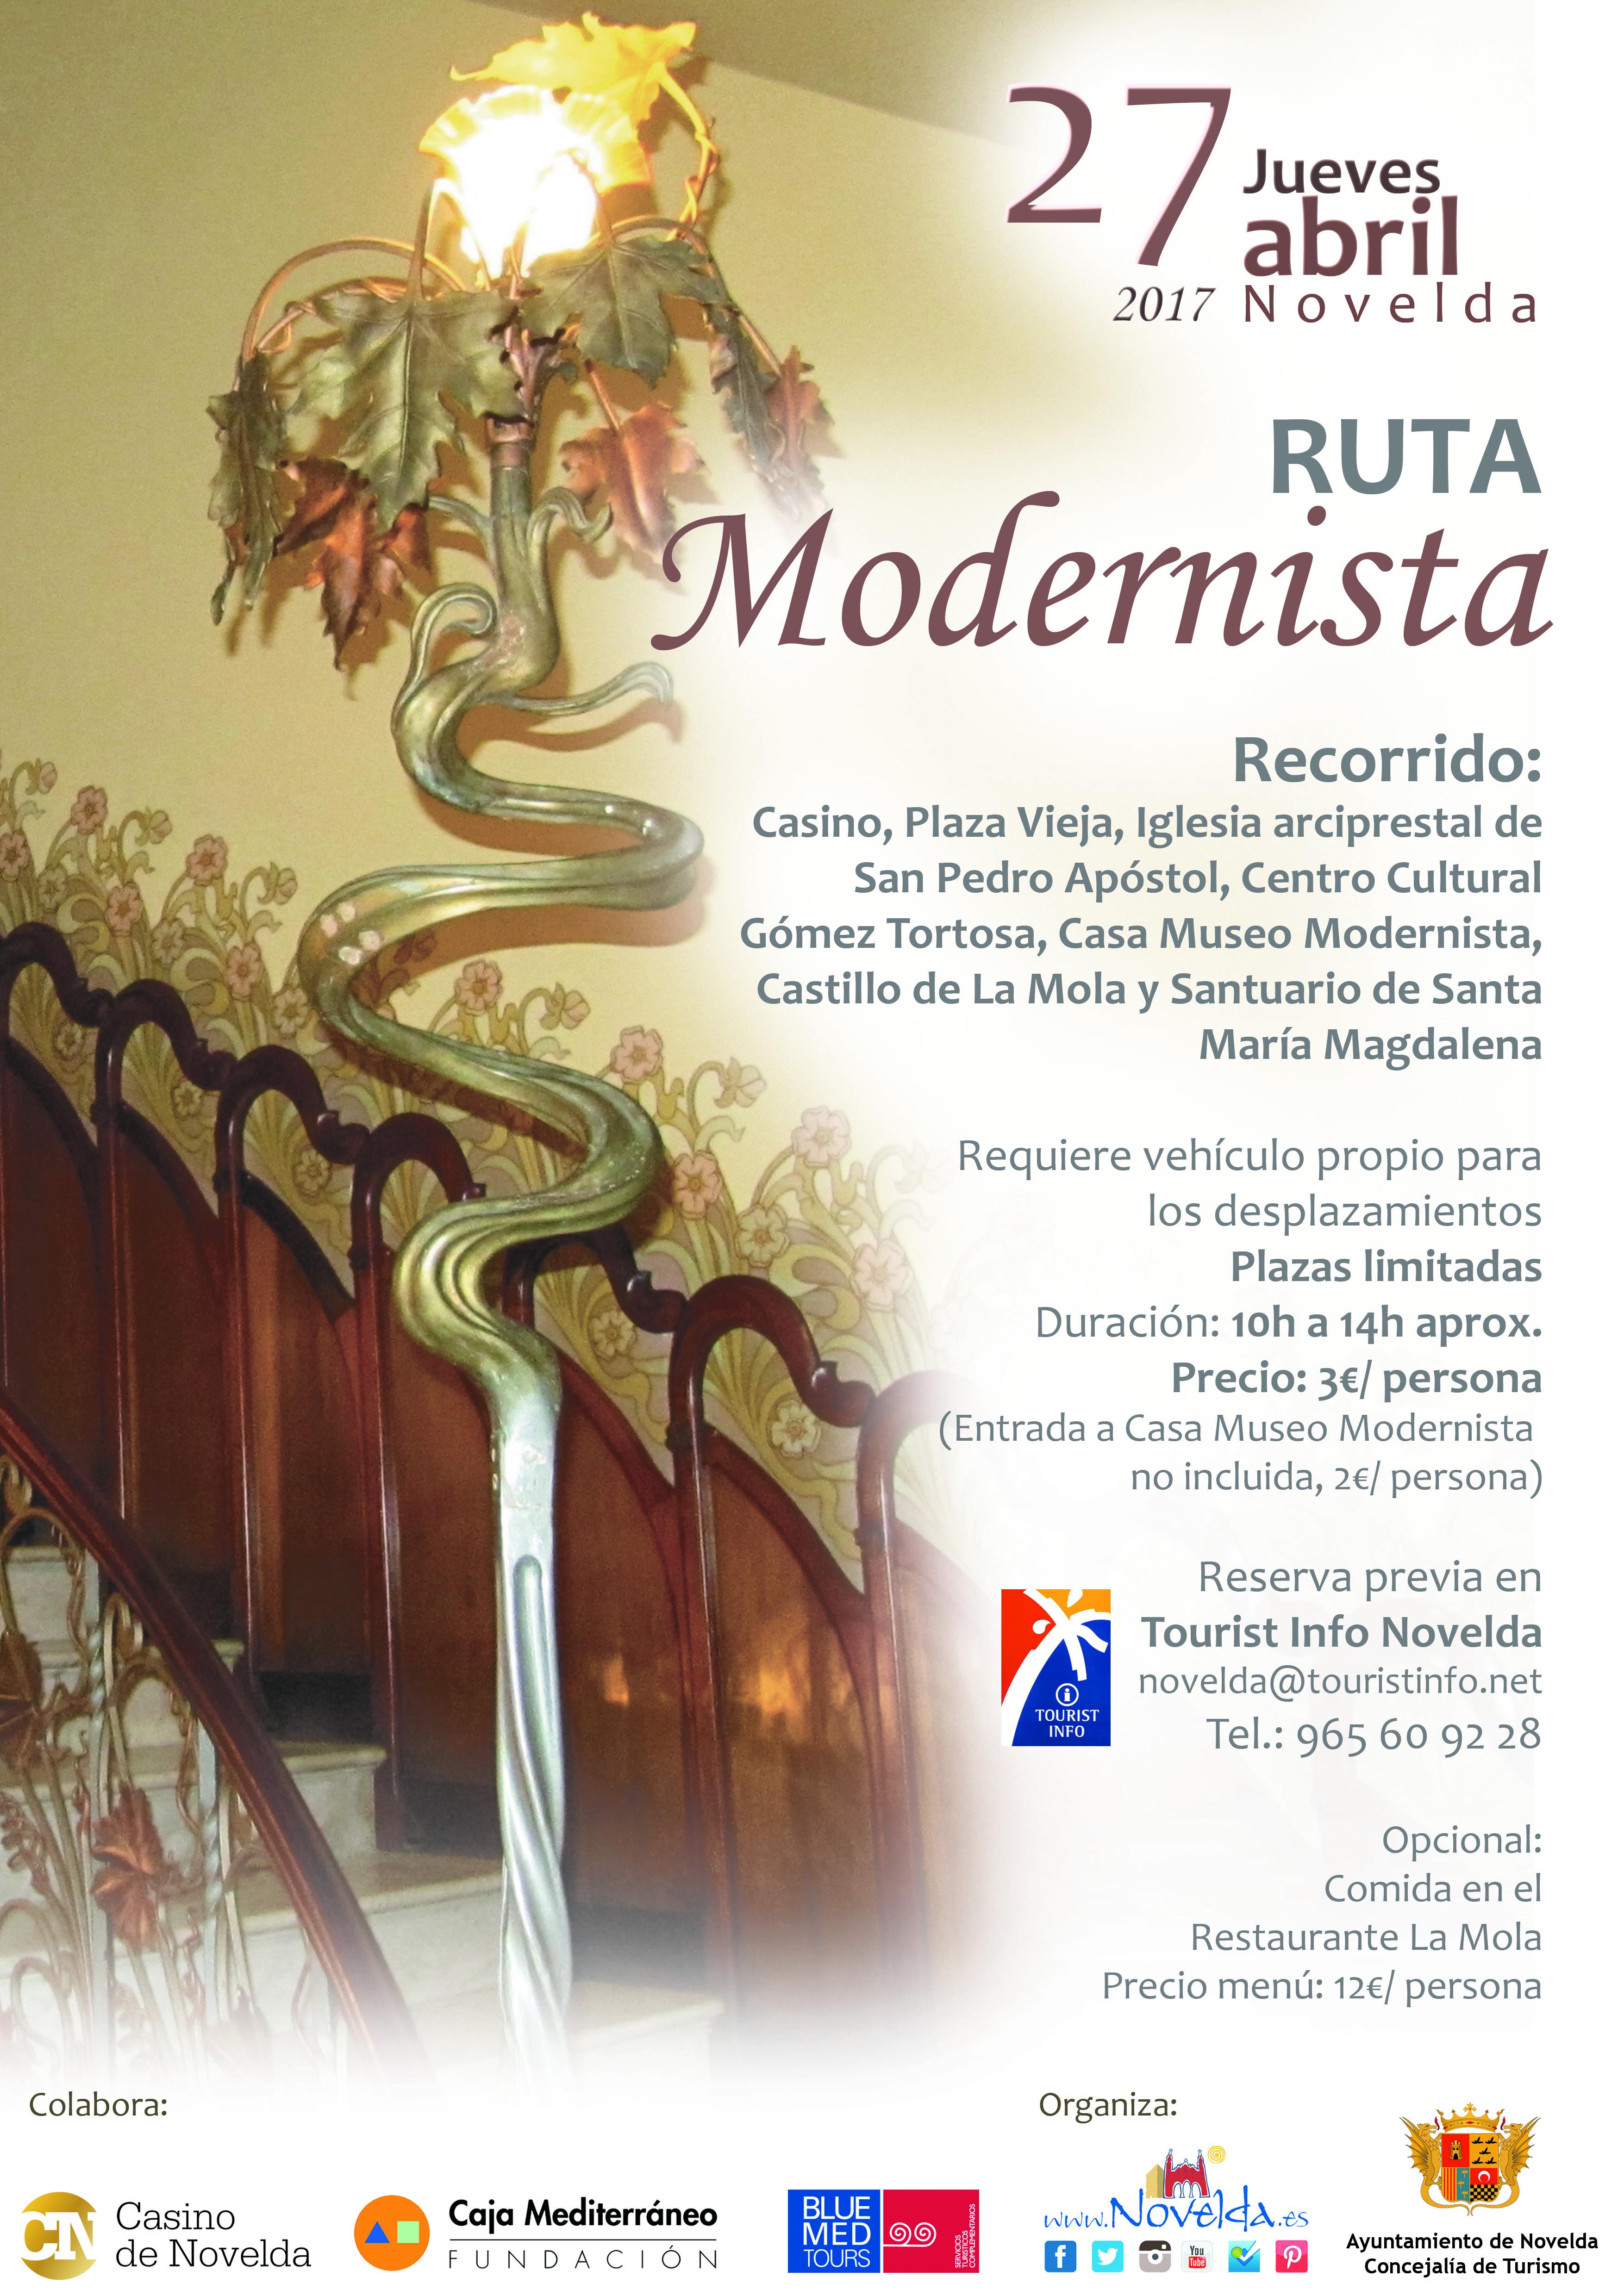 Ruta modernista Novelda abril Santa Faz